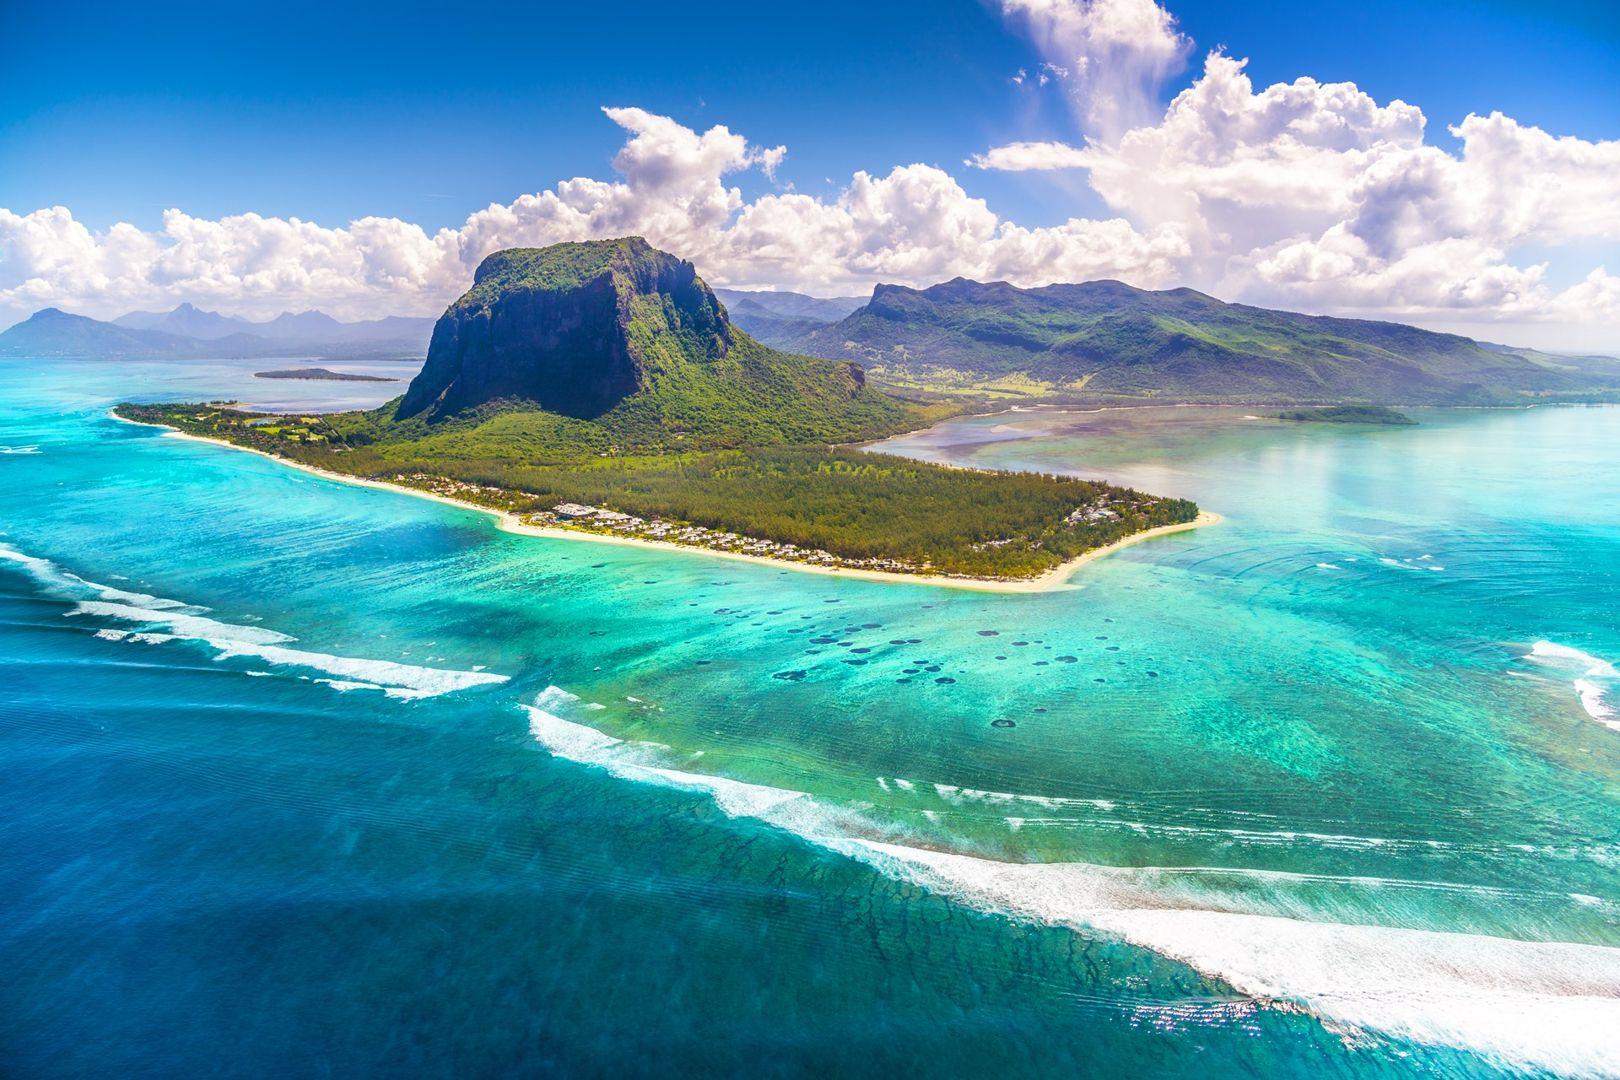 Insula Mauritius